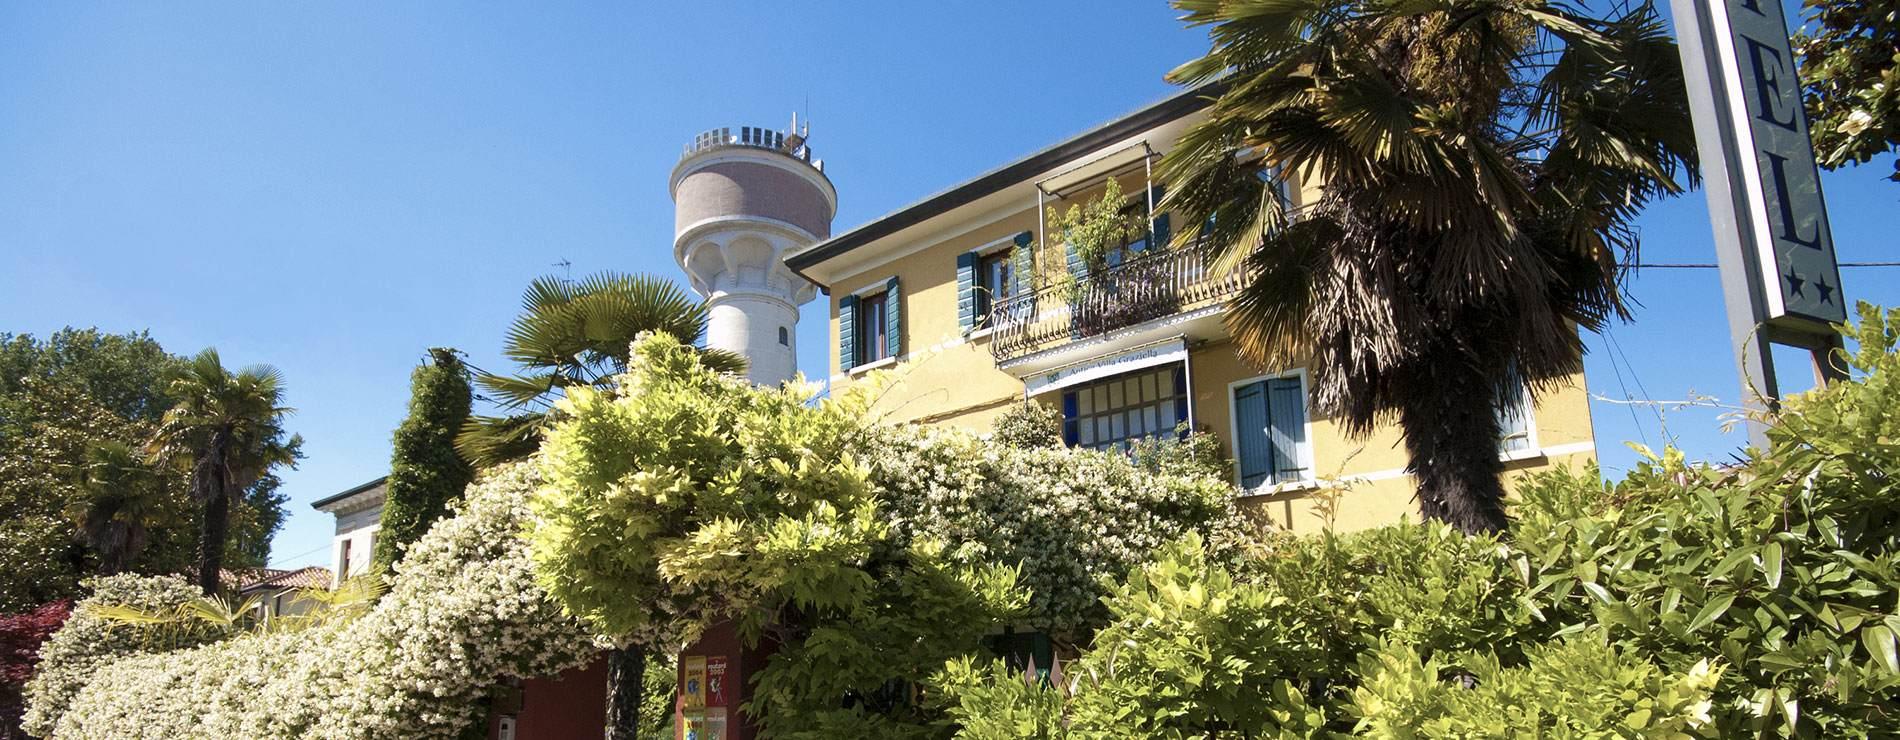 H tel pas cher pr s de venise villa graziella site officiel for Site hotel pas cher